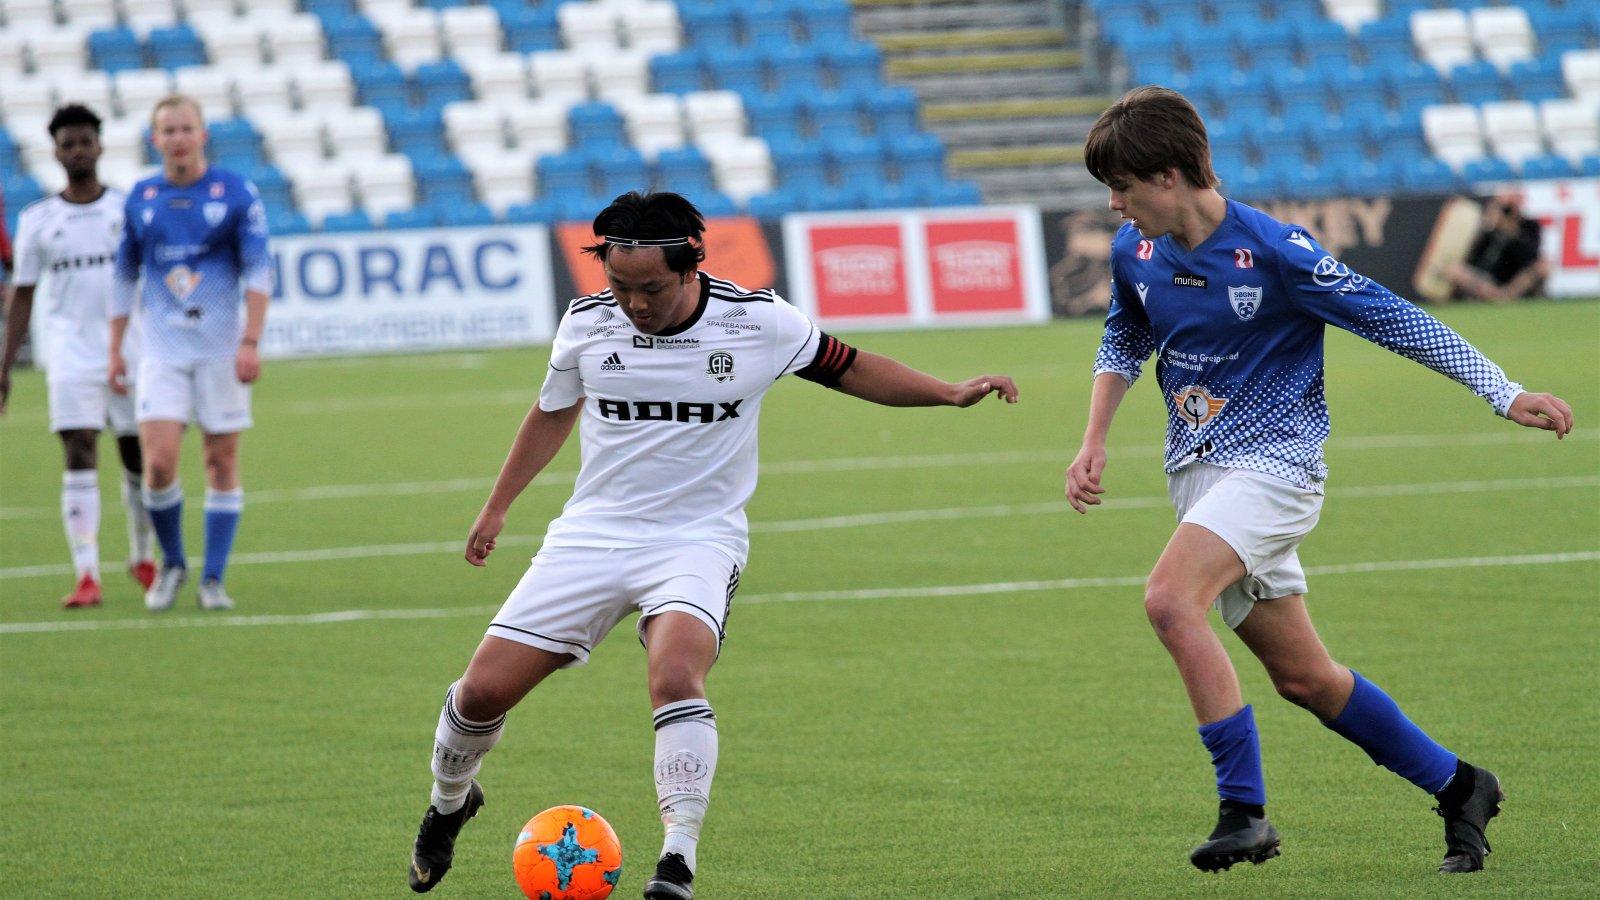 Tasso Dwe er kaptein for juniorlaget, som viser sterk for i den lokale serien.